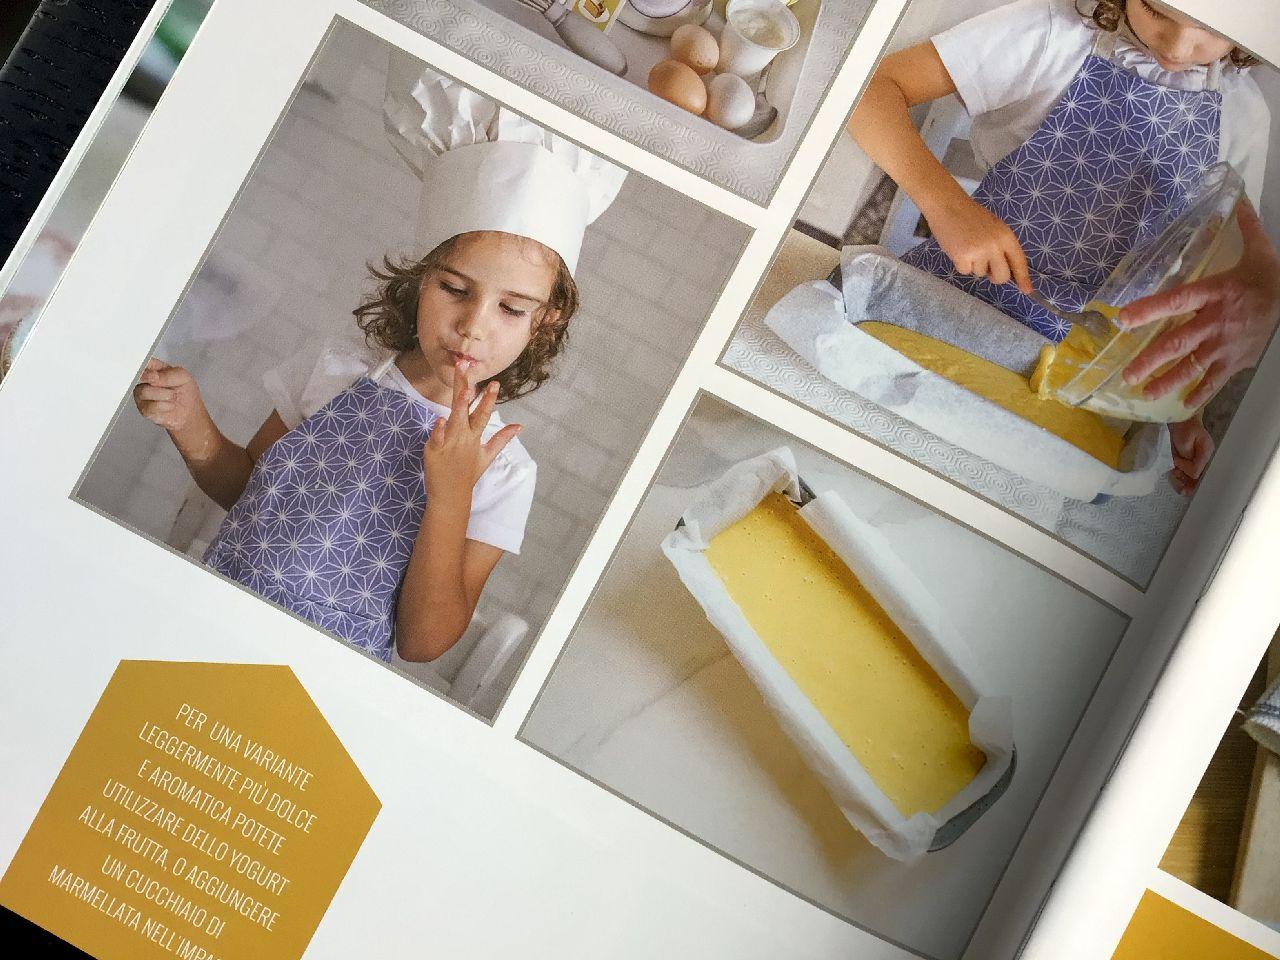 Katia Casprini e Roberta Guidotti, Mamma cucino da solo!, Red!